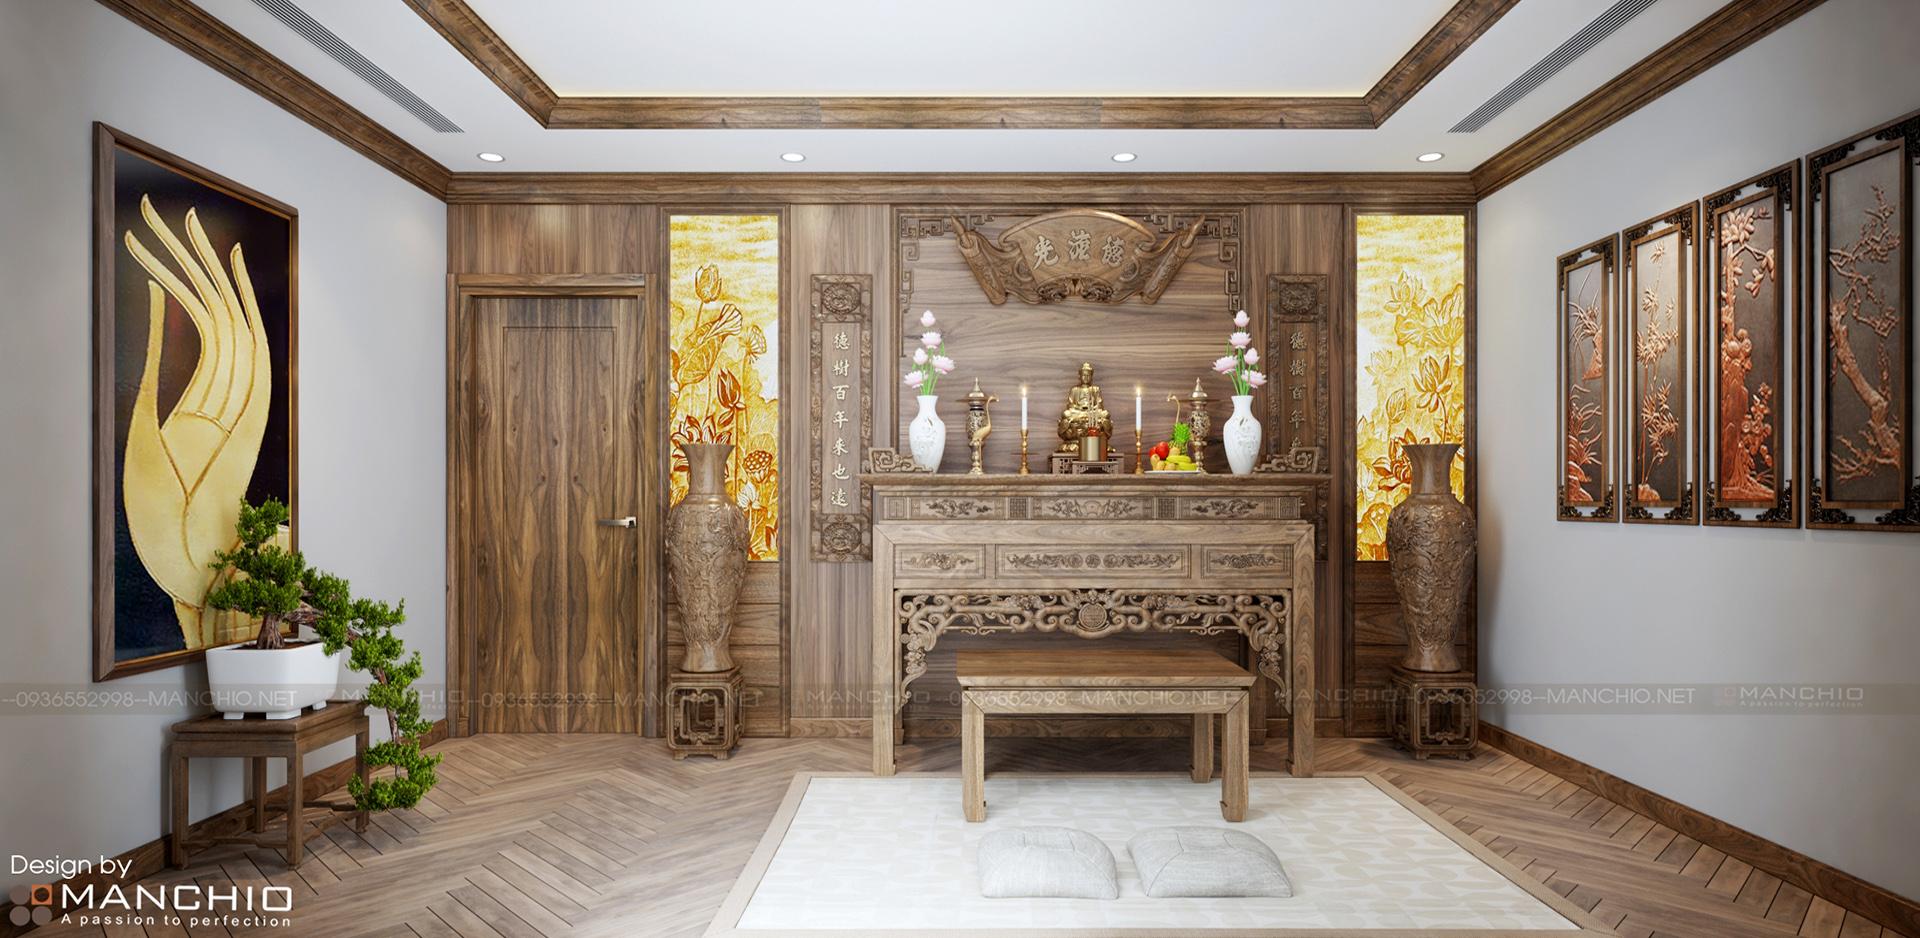 Thiết kế phòng thờ biệt thự cao cấp